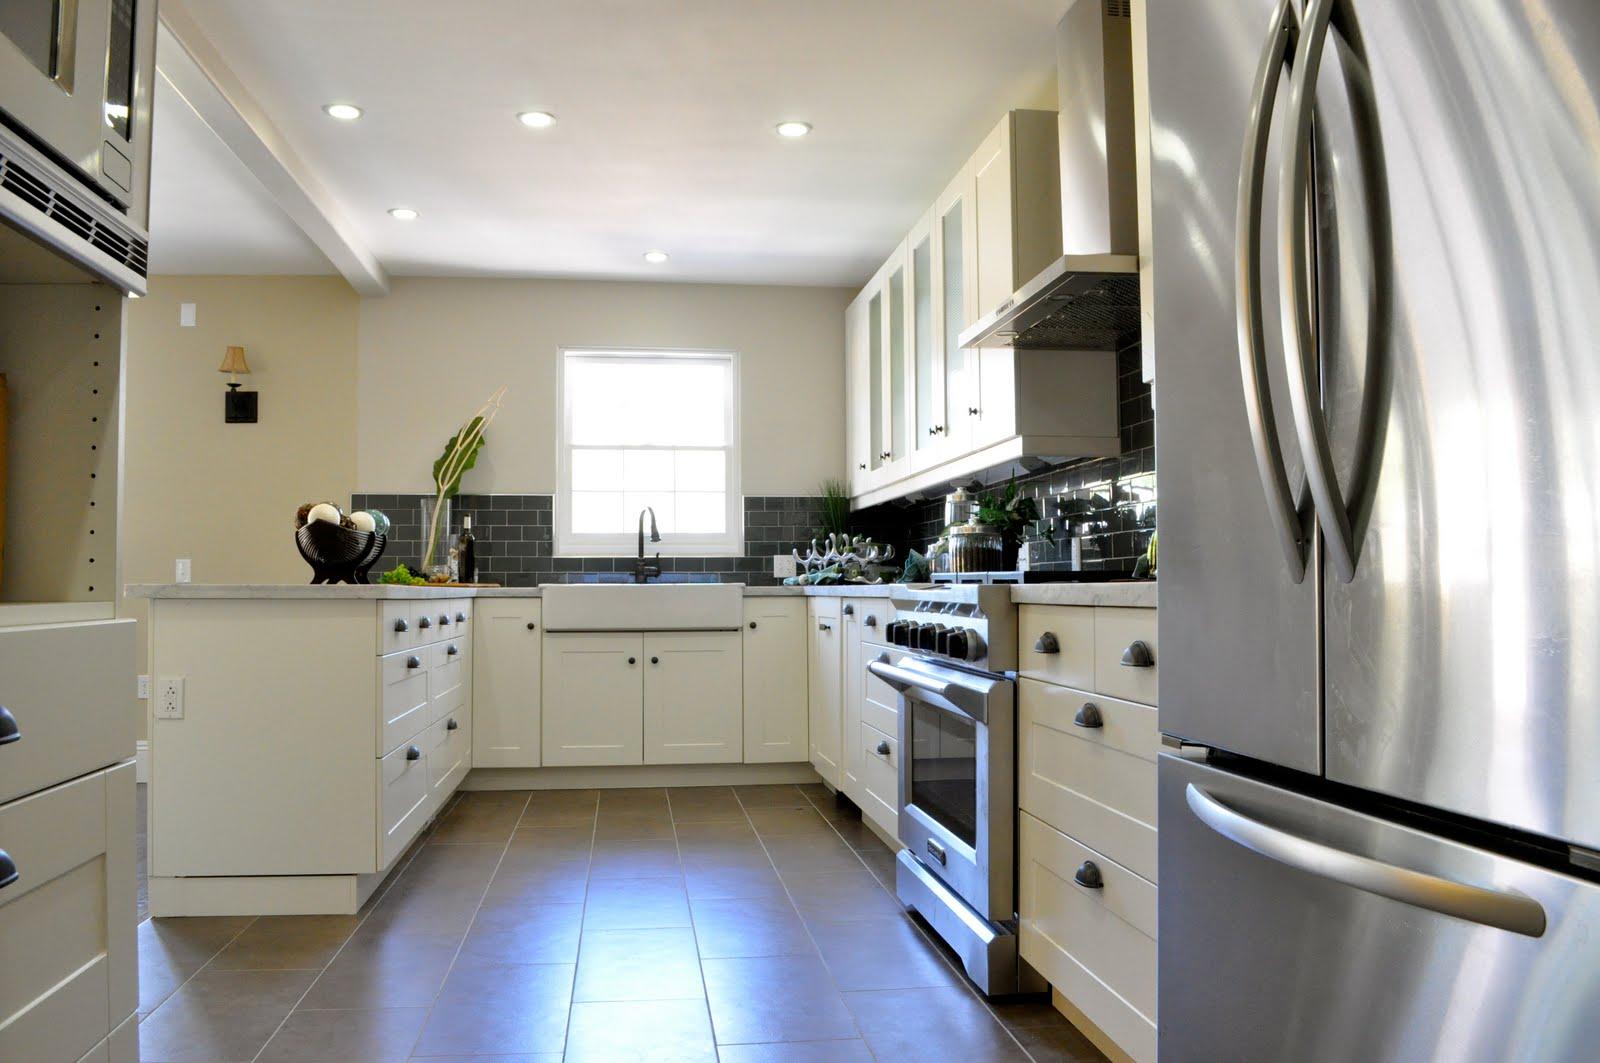 Olive Interior Design: San Antonio